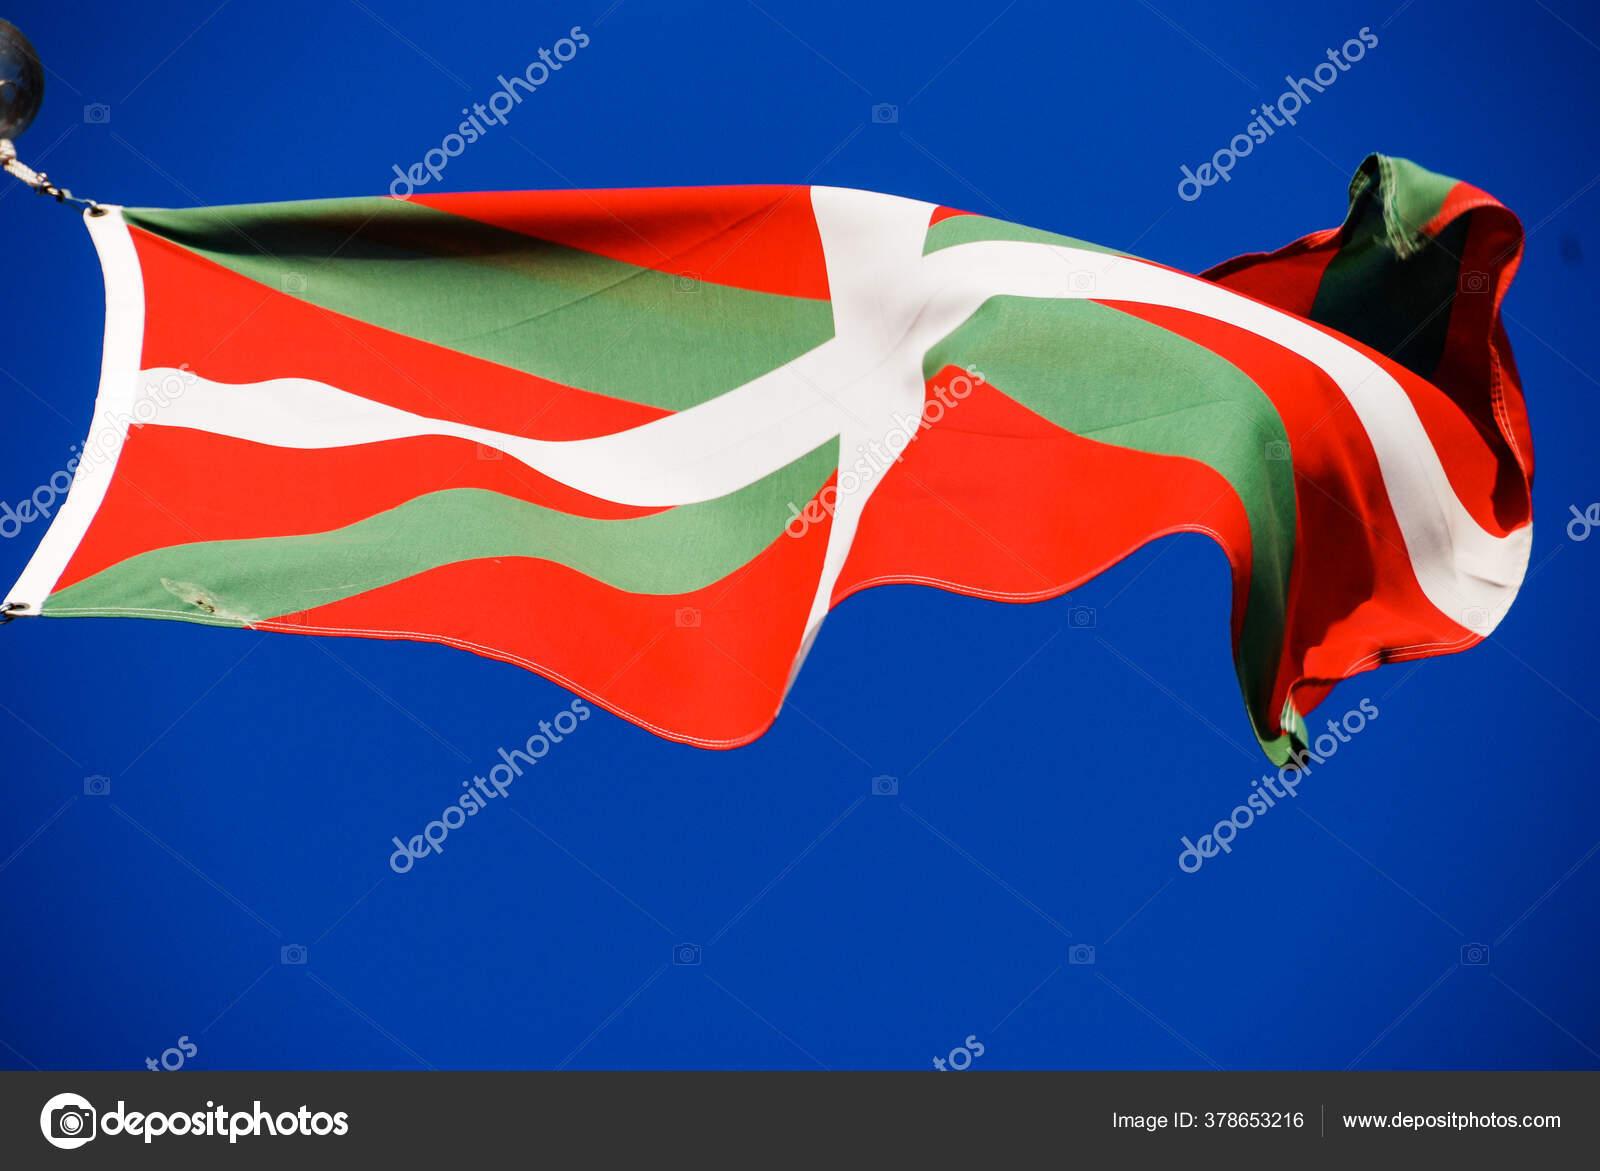 только пока страна басков флаг фото обои помеченные тегом